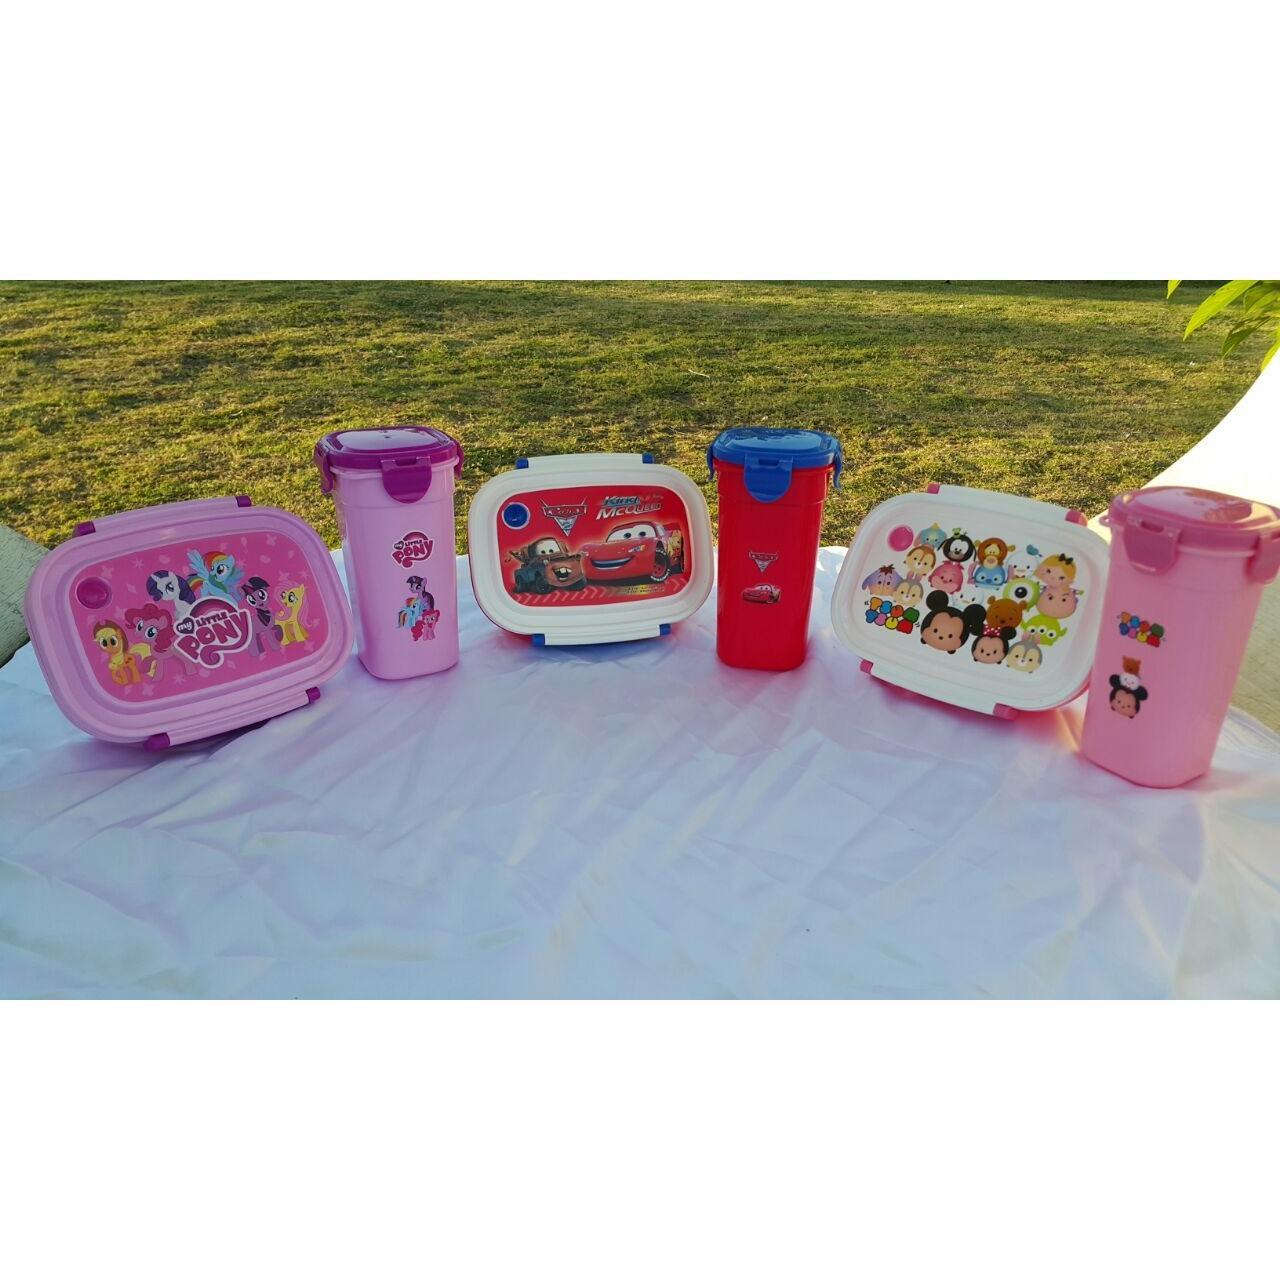 Kelebihan Gratis Ongkos Kirim Ongkir Harga Spesial Untuk Anak Tas Ransel Sekolah Paud Model Mobil Tsum Pink Detail Gambar Tk Dan Set Bekal Makan Minum Berkarakter Cantik